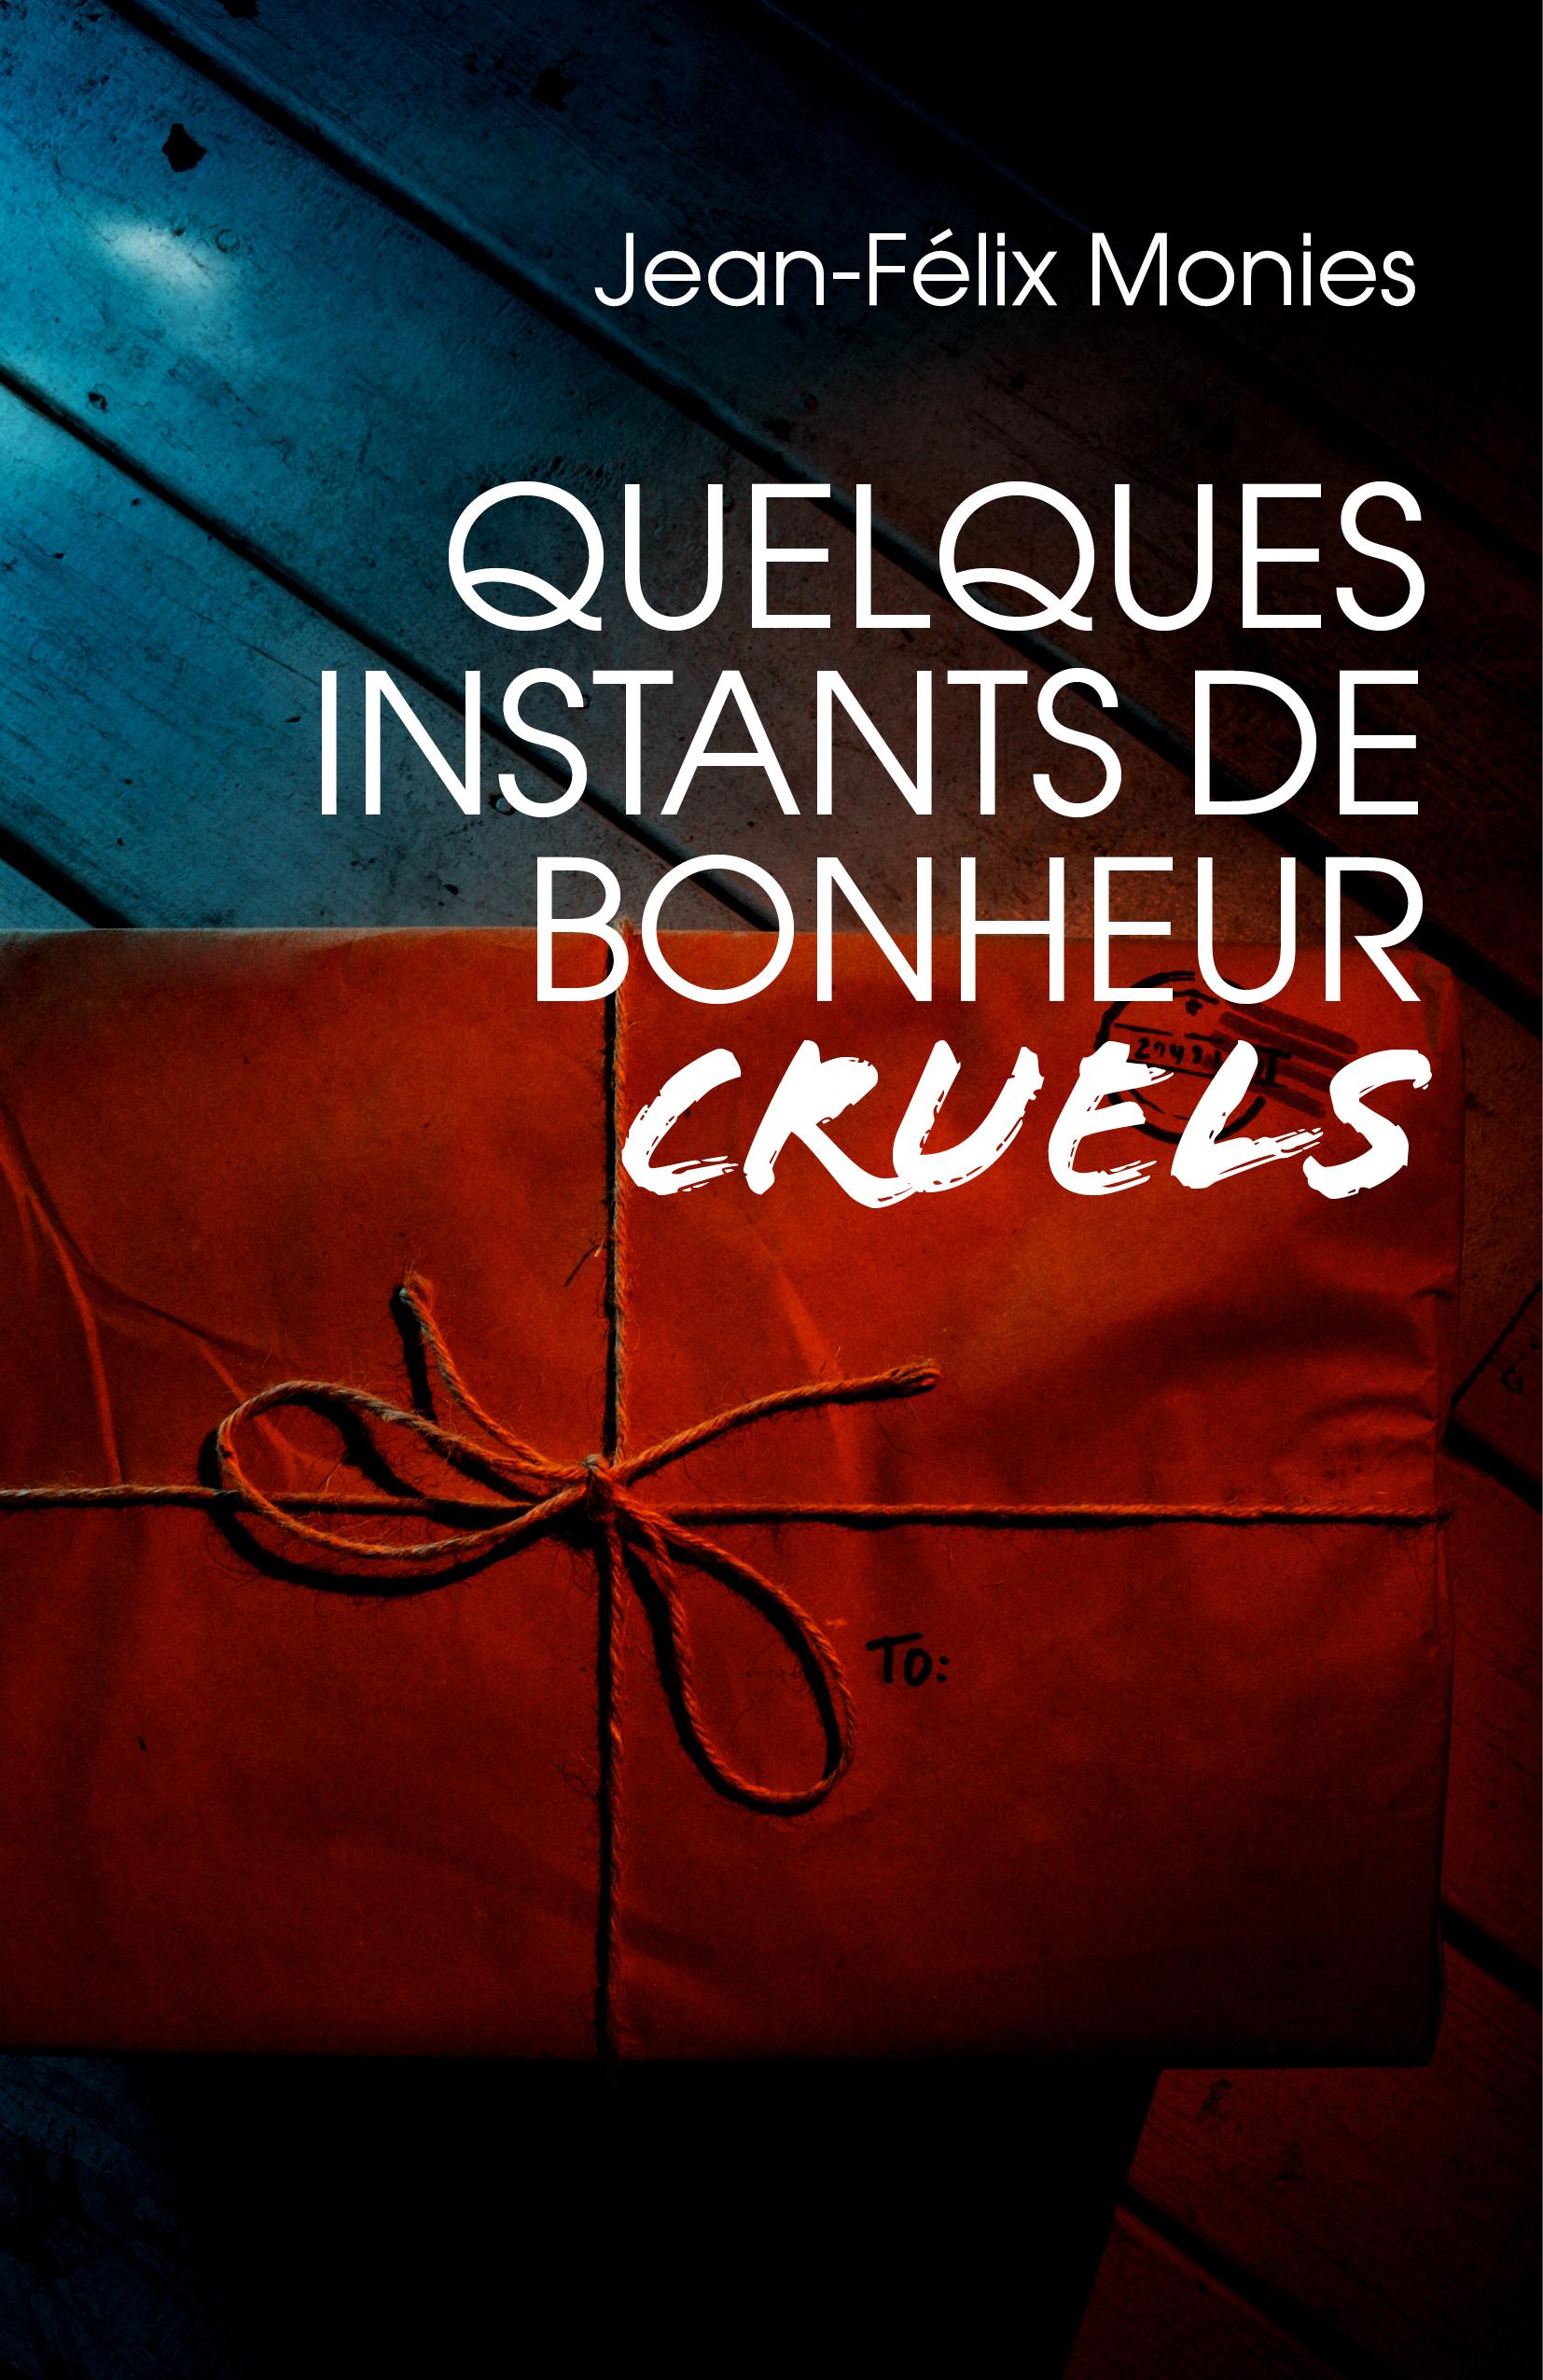 QUELQUES INSTANTS DE BONHEUR CRUELS